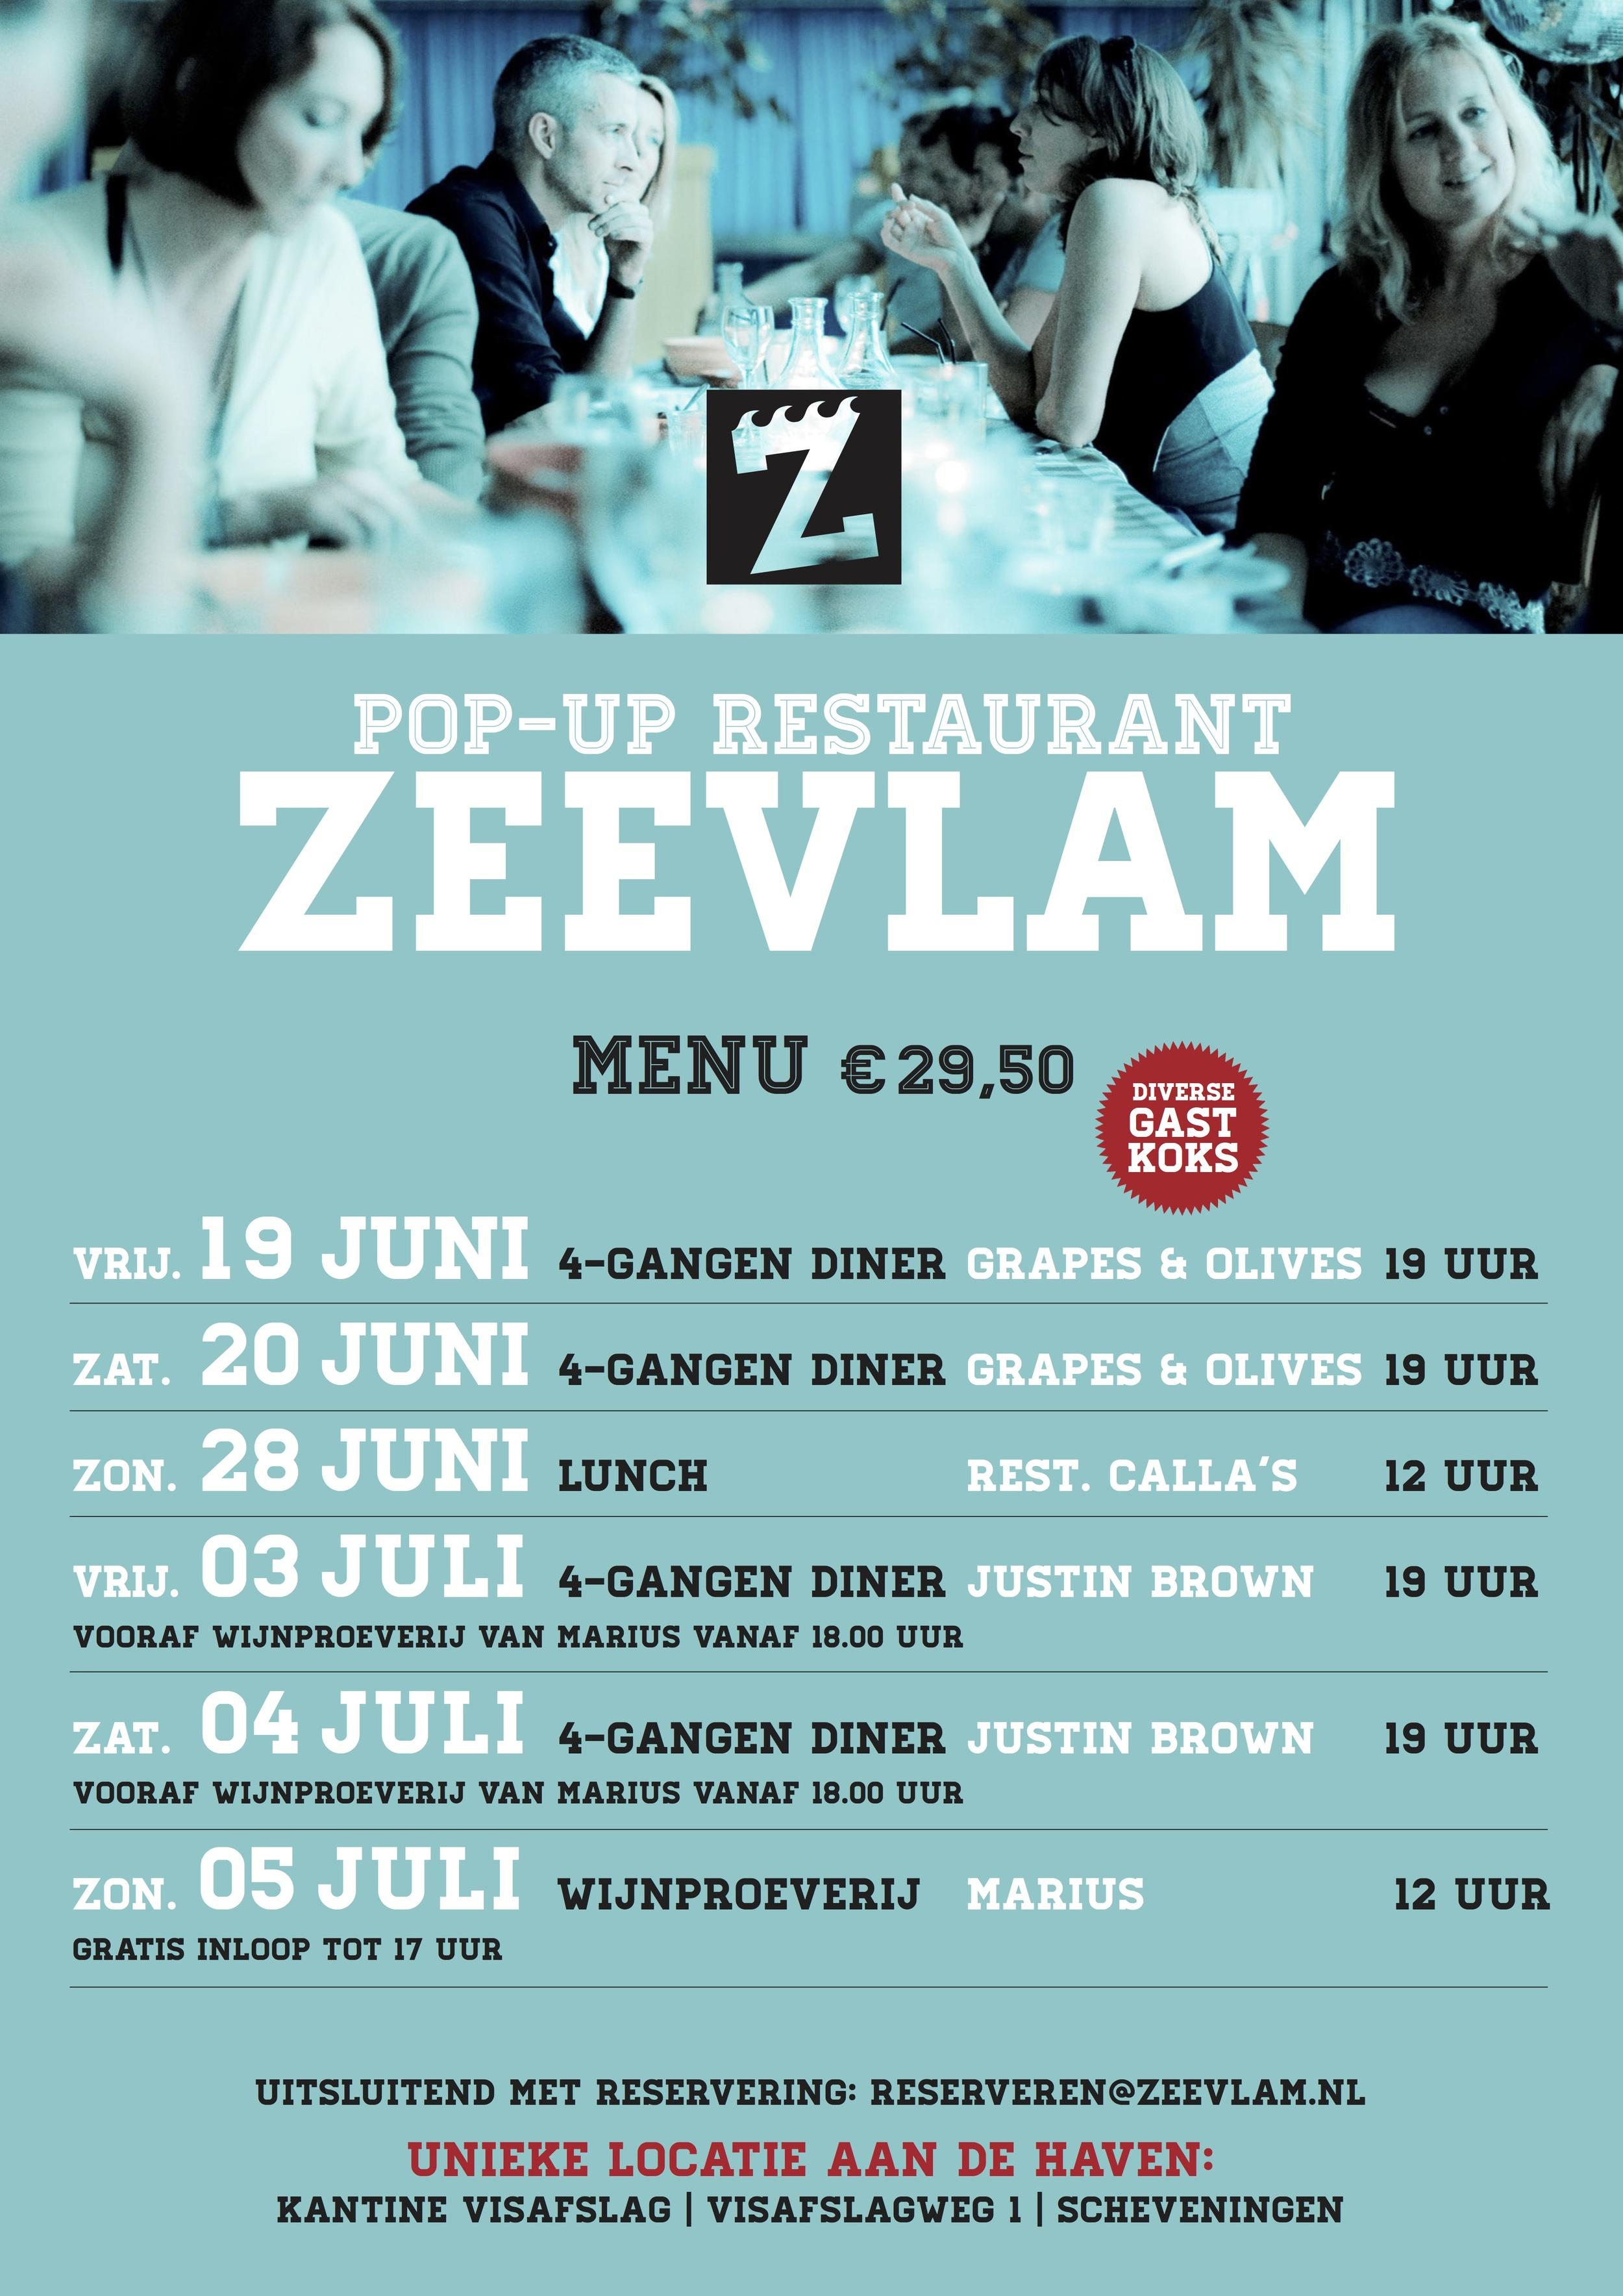 Agenda Pop-up Restaurant Zeevlam